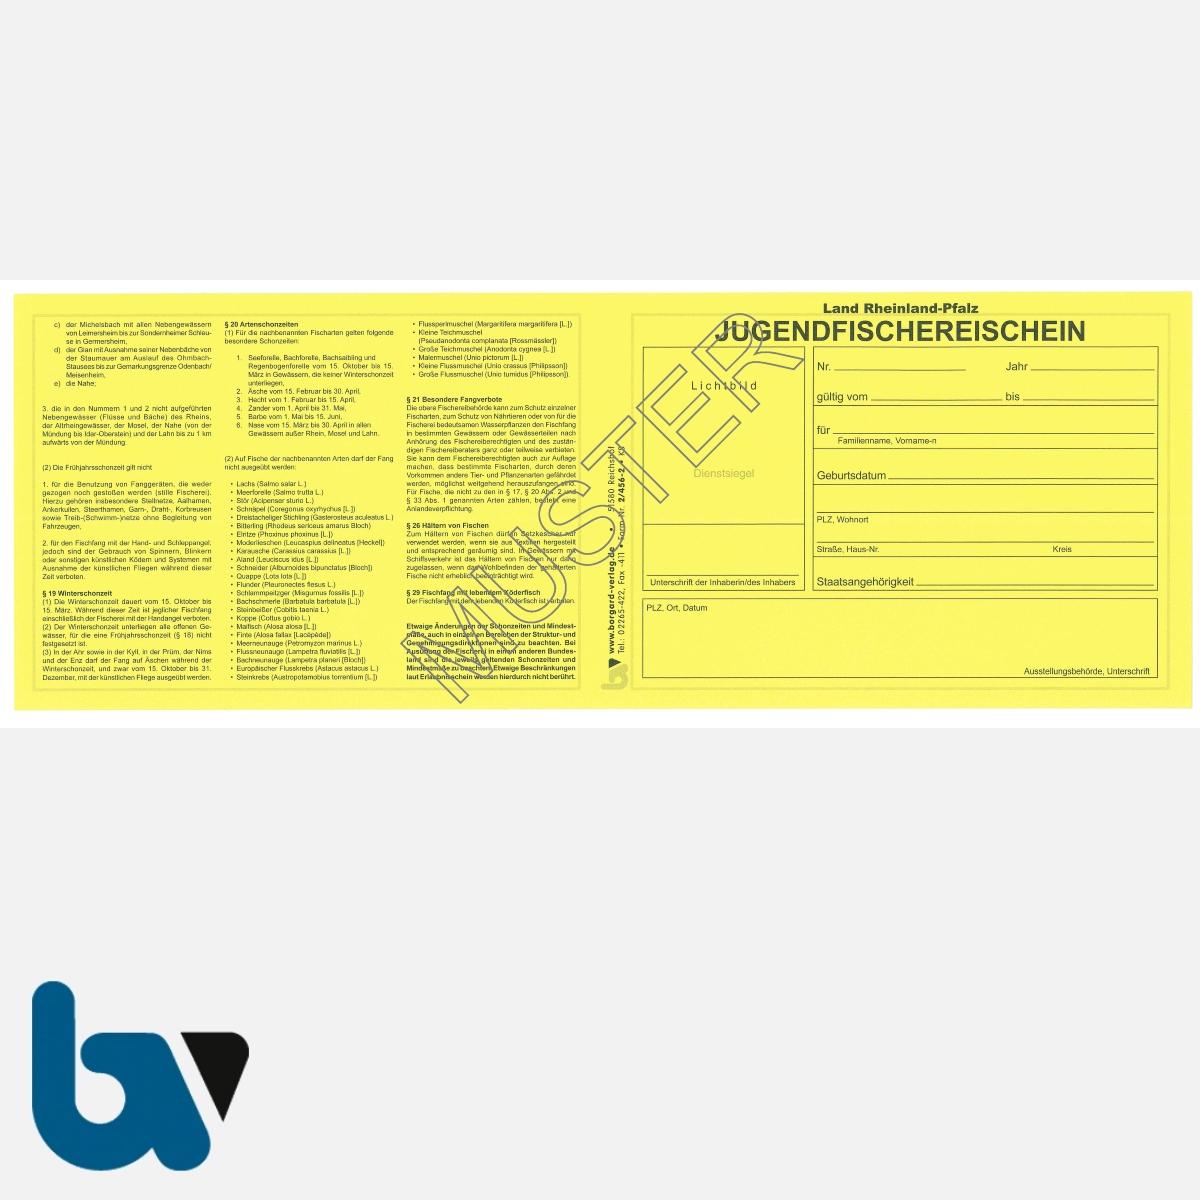 2/456-2 Jugendfischereischein RLP Rheinland-Pfalz gelb Neobond Muster VS | Borgard Verlag GmbH